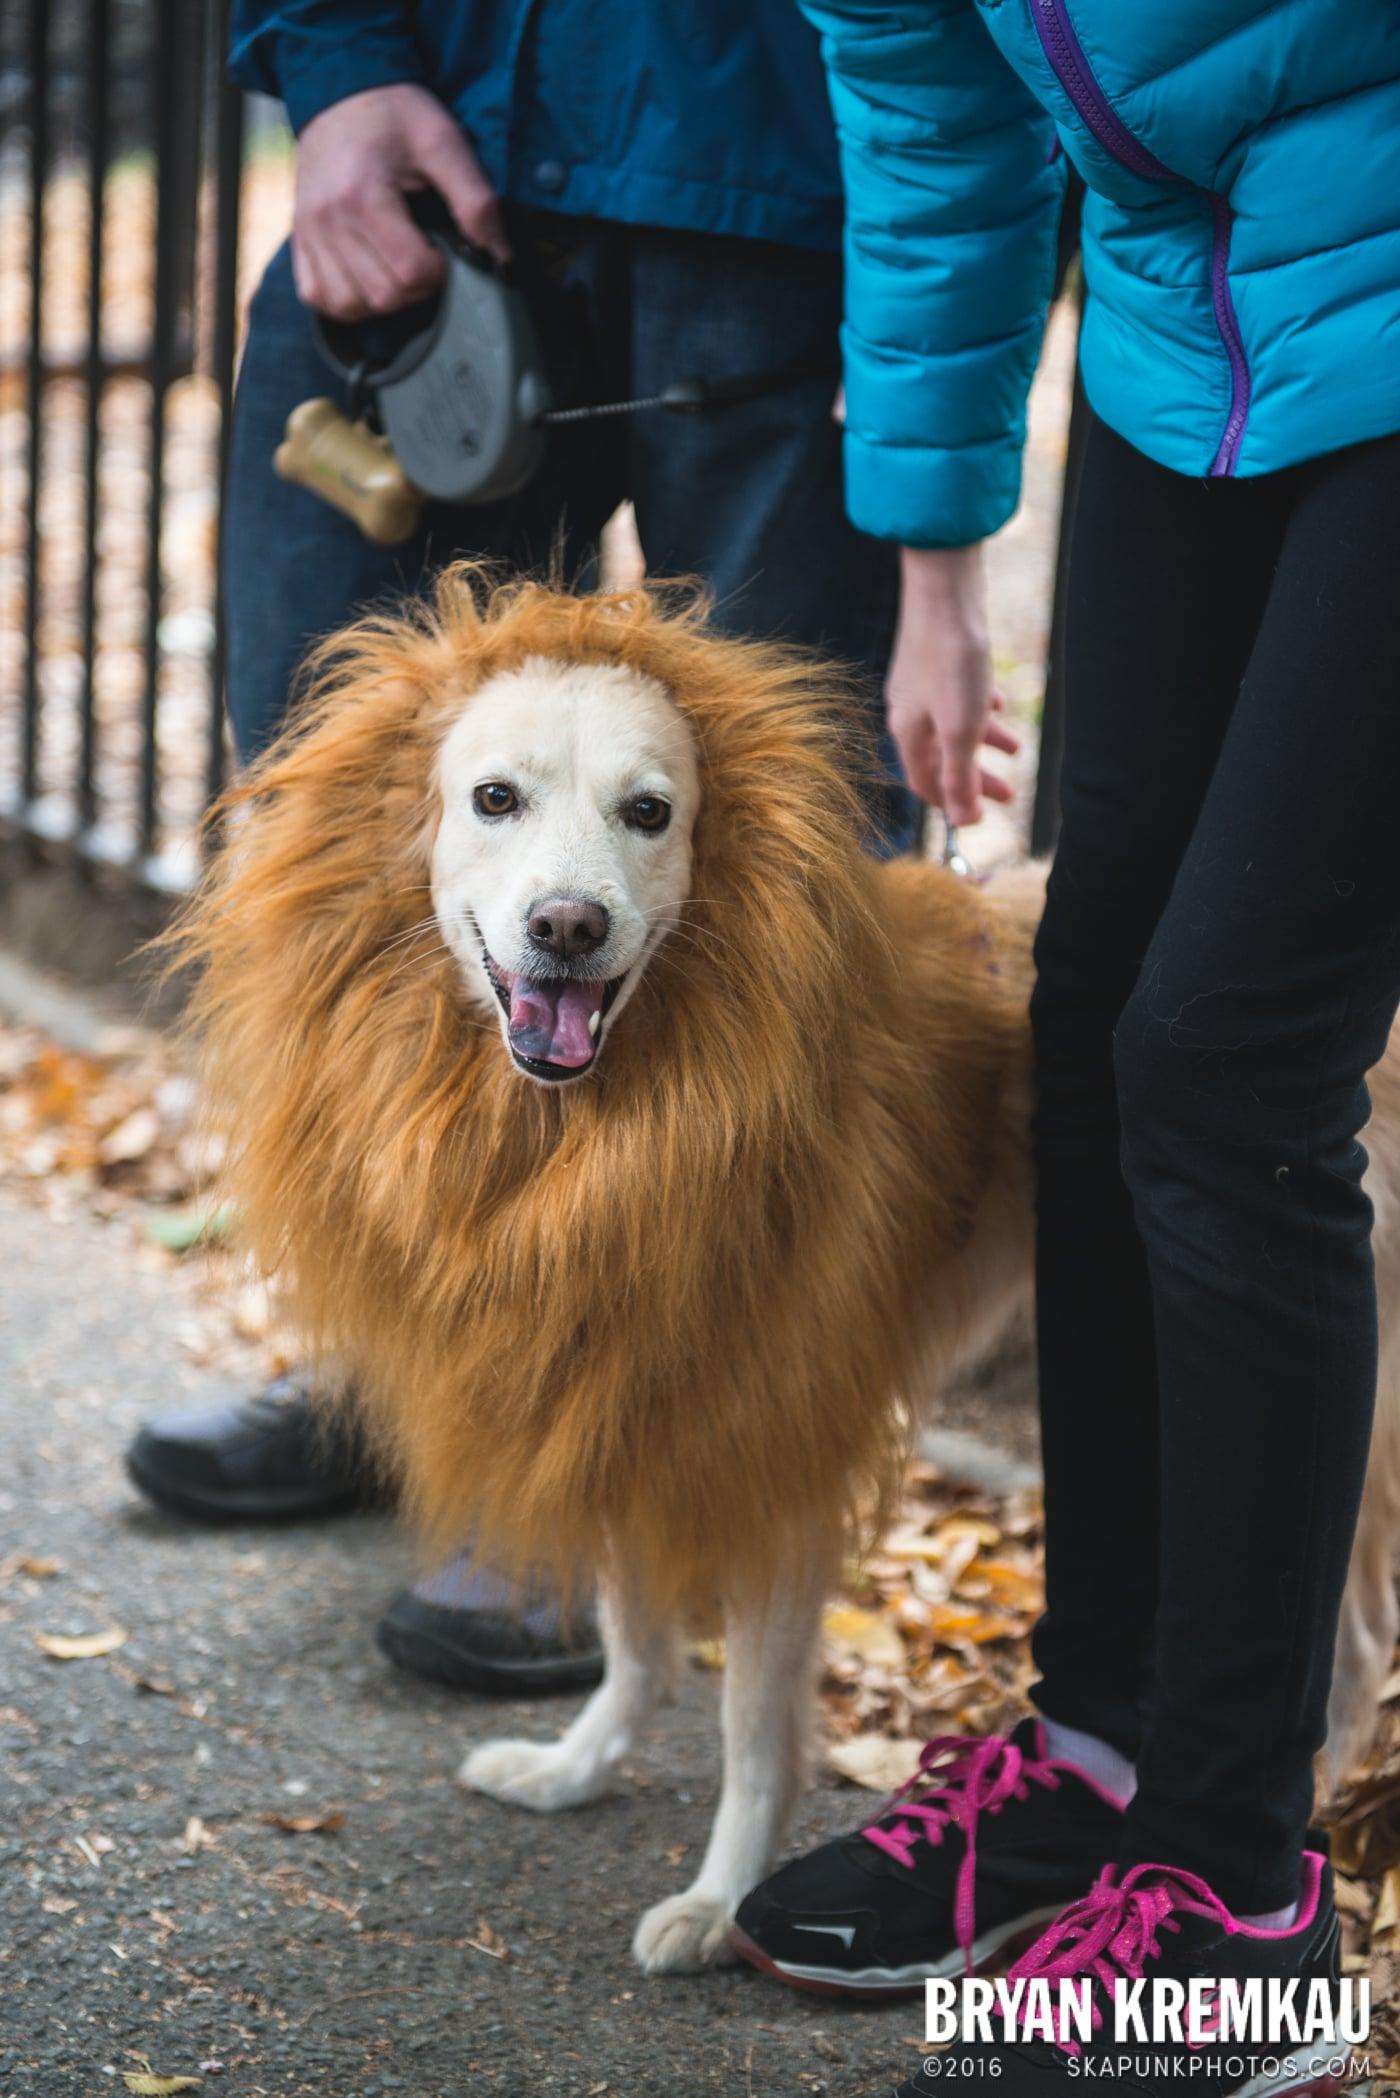 Tompkins Square Halloween Dog Parade 2015 @ Tompkins Square Park, NYC – 10.24.15 (31)